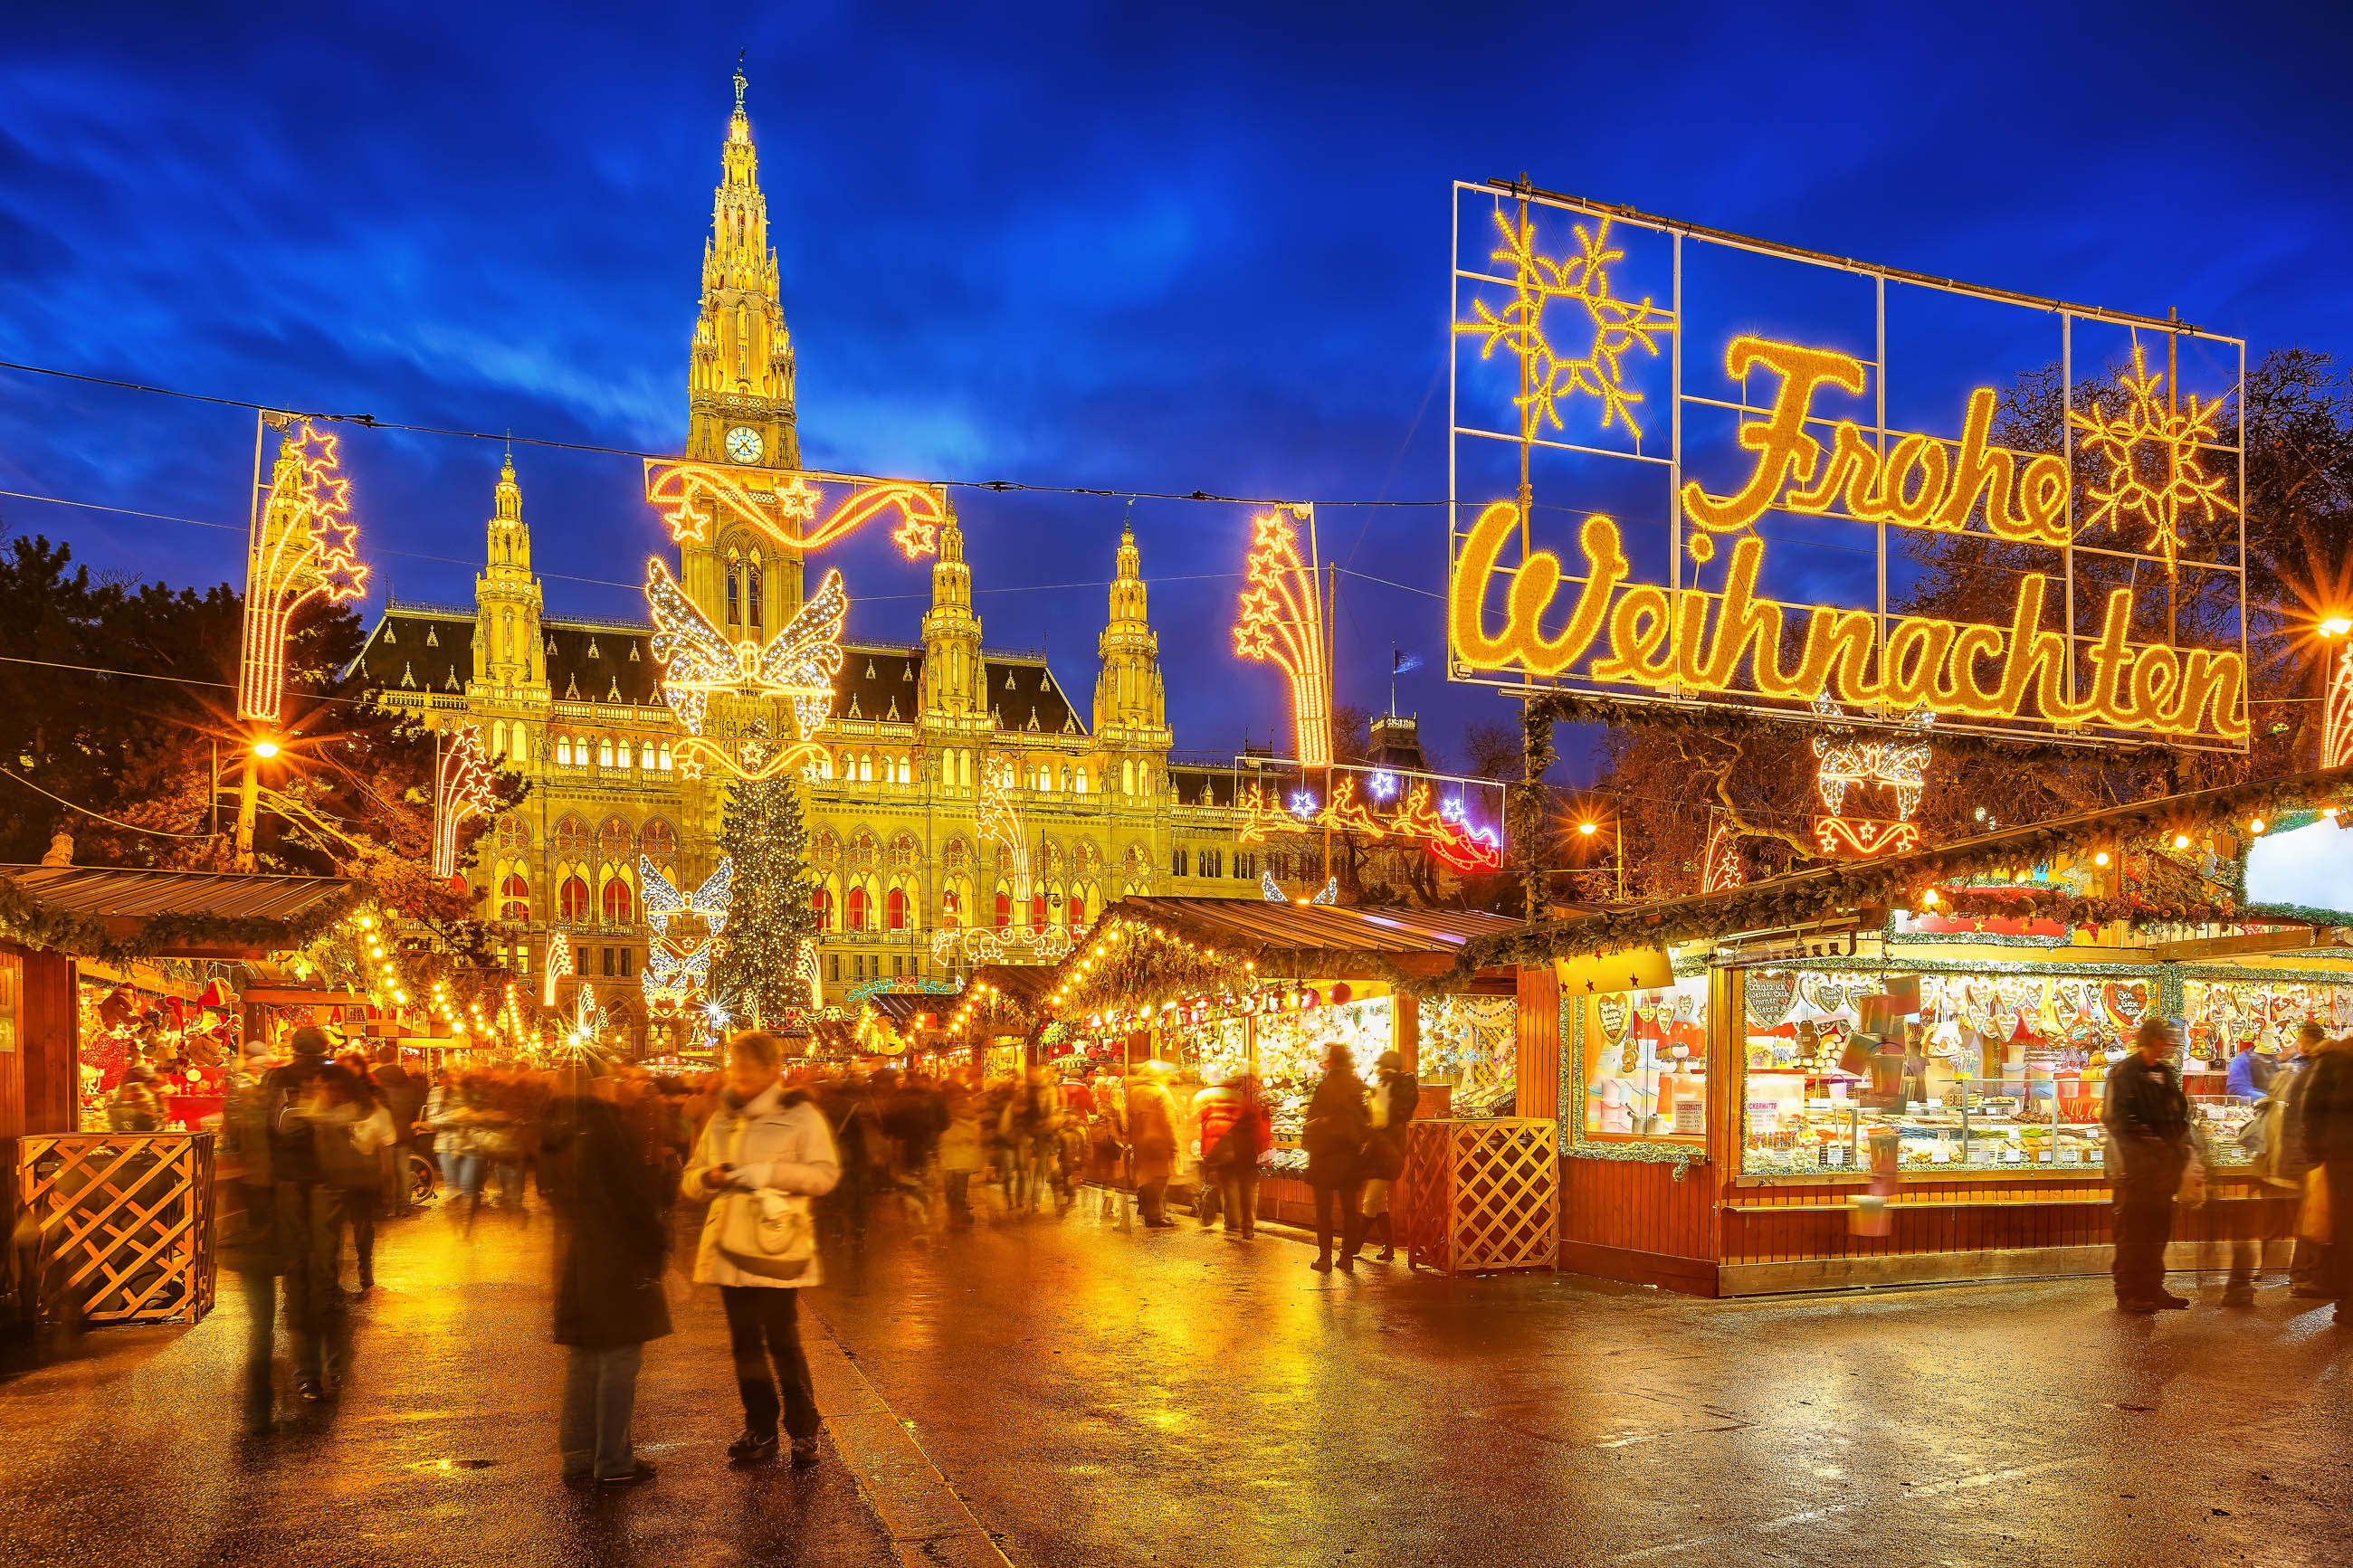 https://franks-travelbox.com/wp-content/uploads/2017/11/occ88sterreich-wien-der-christkindlmarkt-vor-dem-imposanten-wiener-rathaus-ucc88bt-eine-magische-anziehungskraft-auf-einheimische-und-touristen-aus-occ88sterreich-s-borisov-shutterstoc-2.jpg